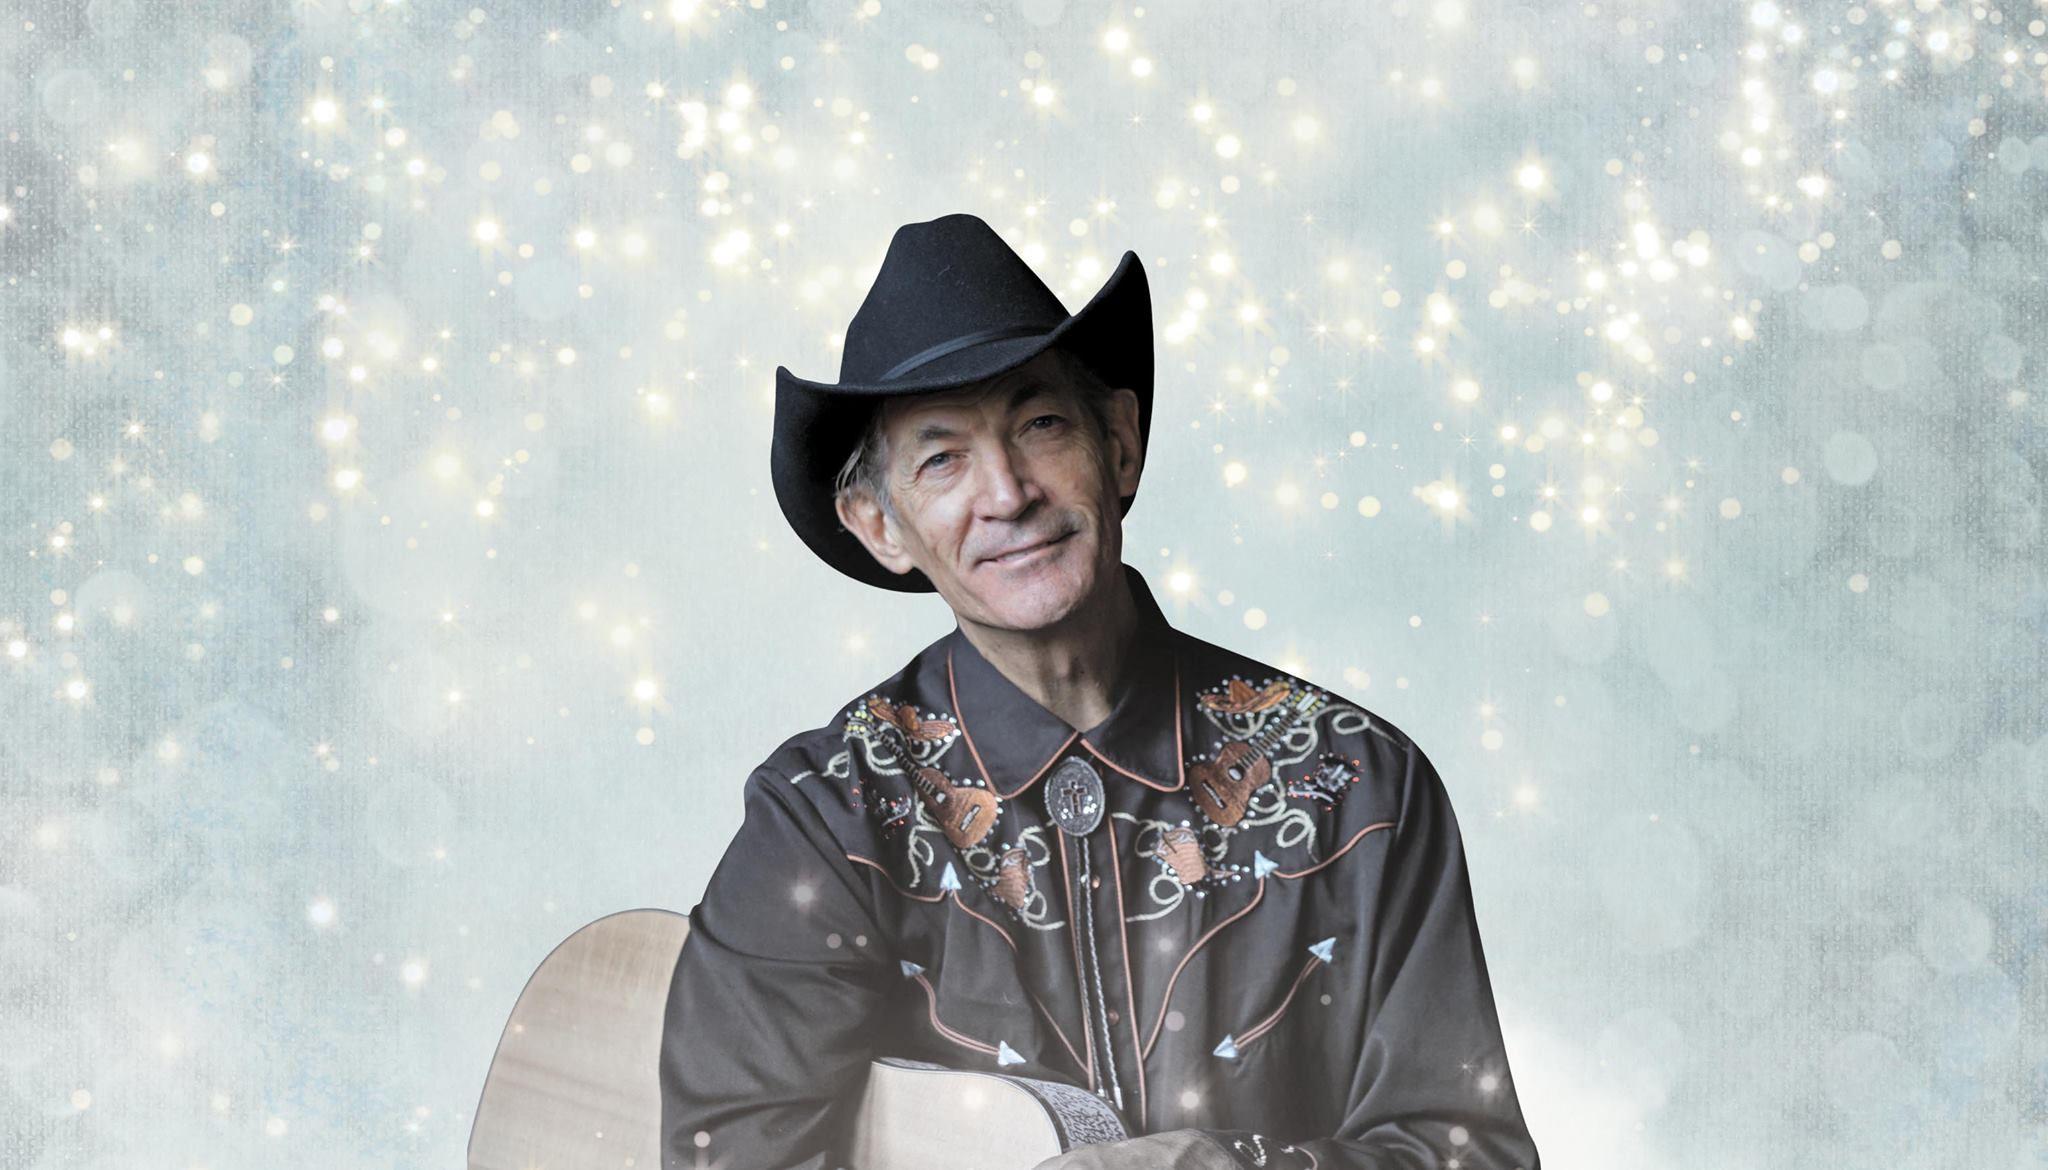 Konsert - Doug Seegers; Give it away Christmas tour